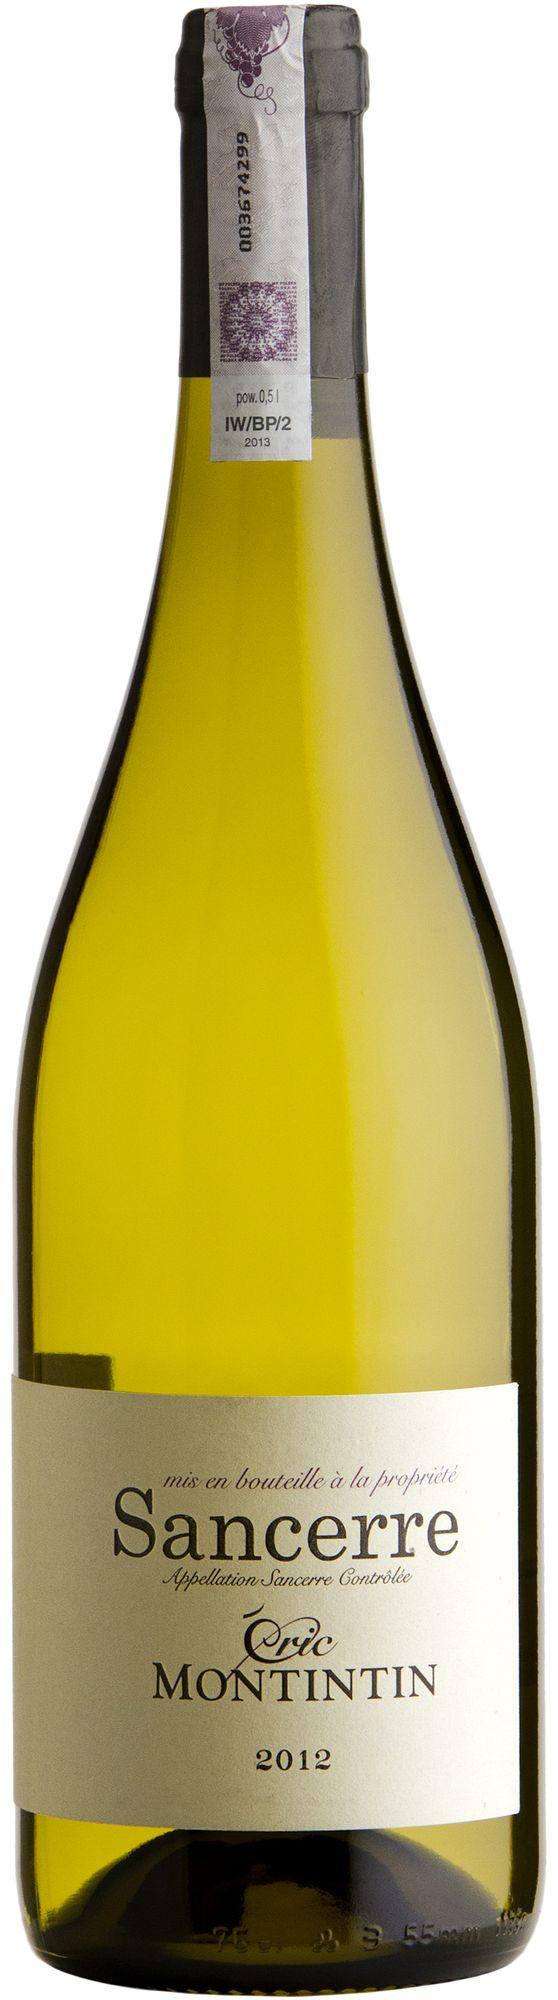 Wino Eric Montintin Sancerre AOC